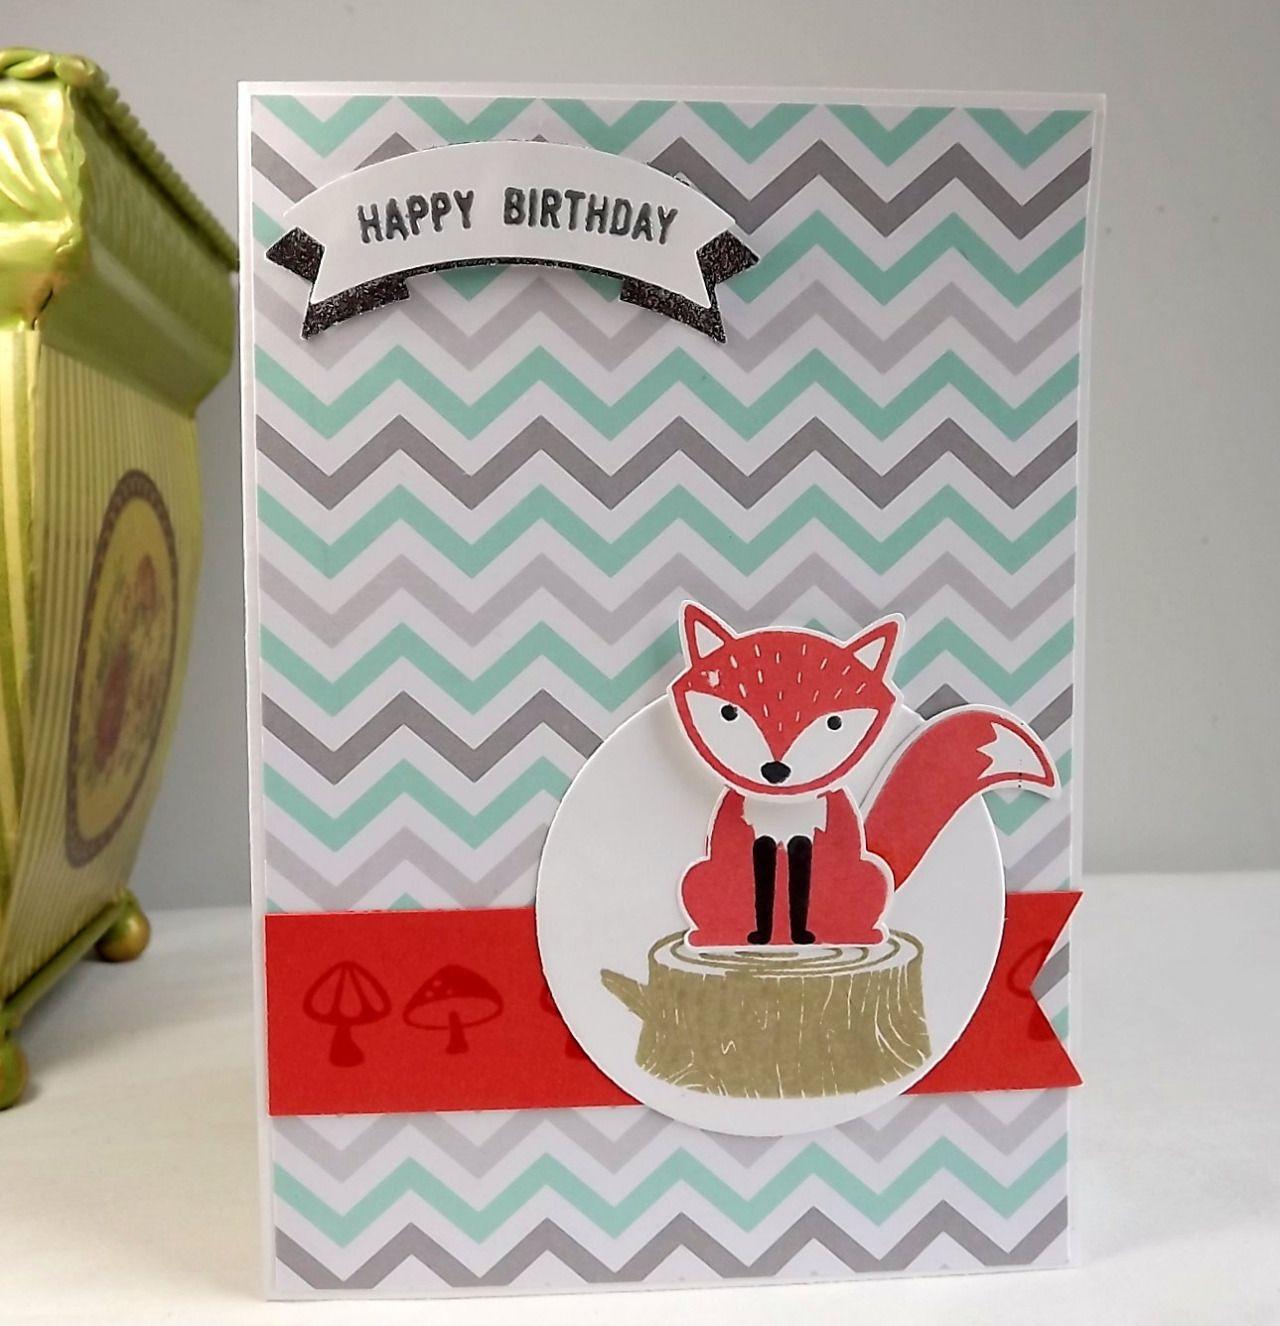 carte anniversaire a faire soi meme gratuit carte anniversaire à faire soi meme gratuite 45 vie